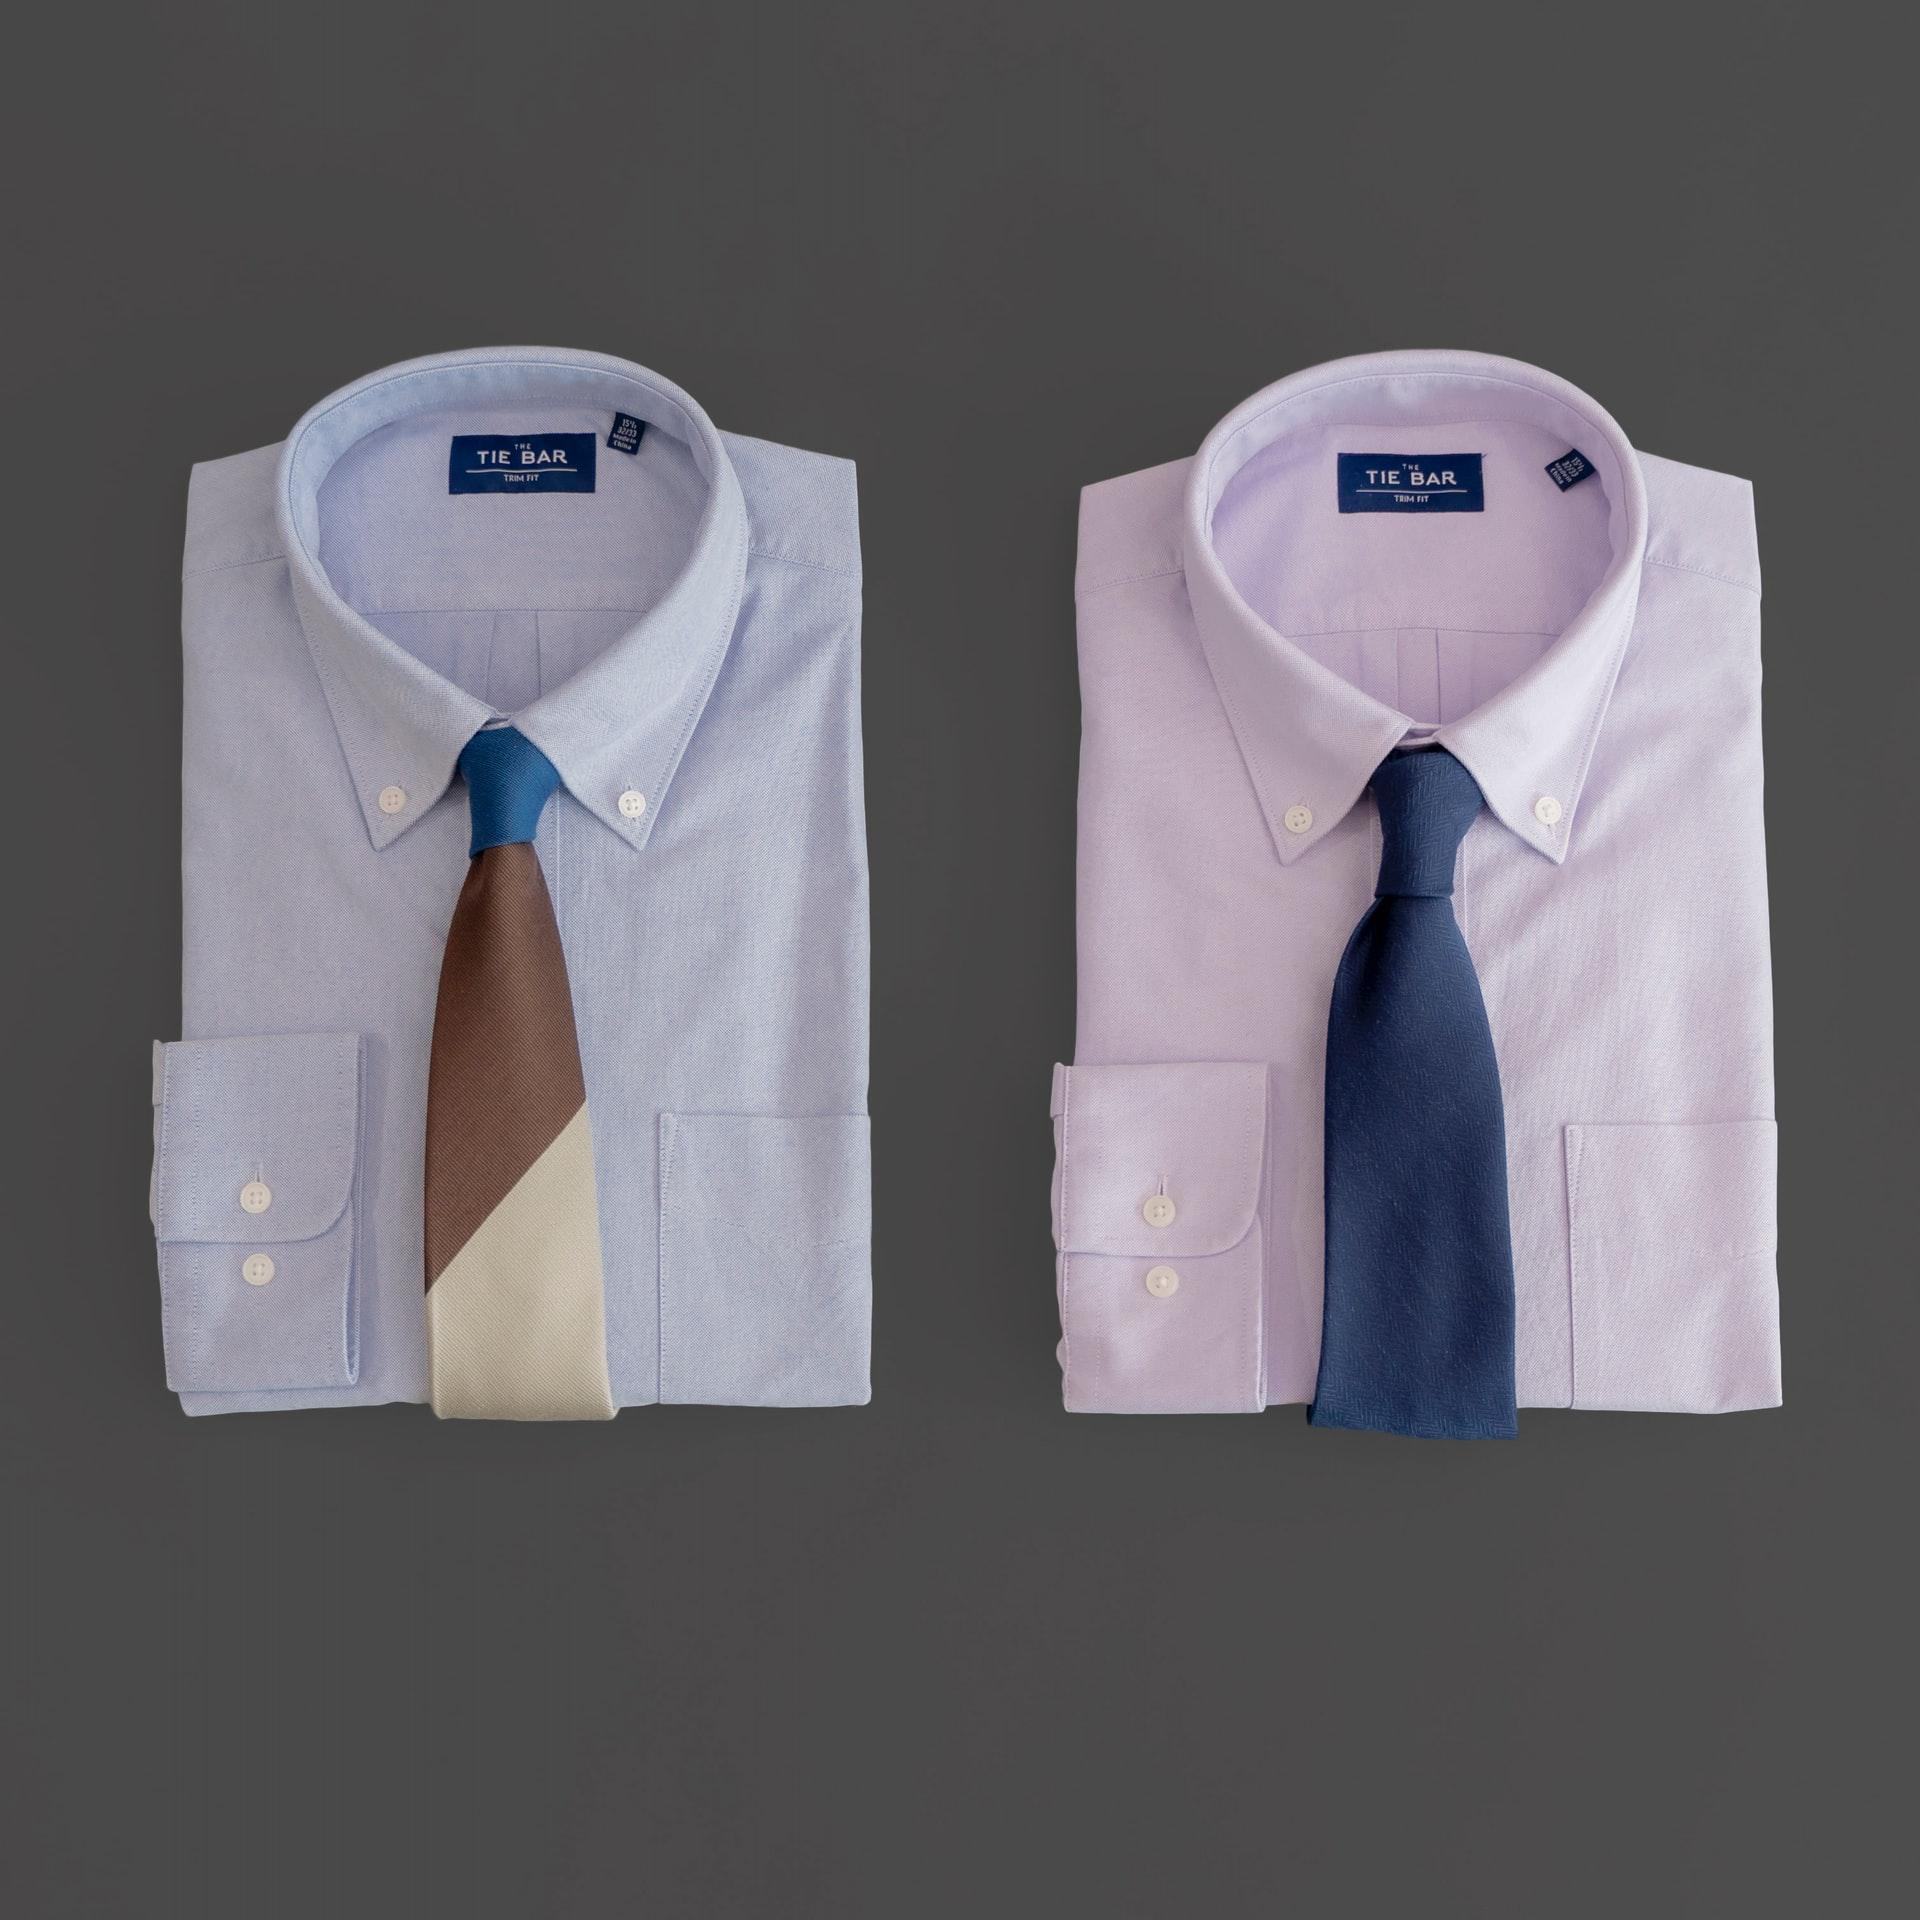 Foto Produk Pakaian dengan Teknik Flat Lay - Shaniba Creative Industry Studio Fotografi Foto Produk, Foto Profil Bisnis, dan Editing Foto High End Retouching